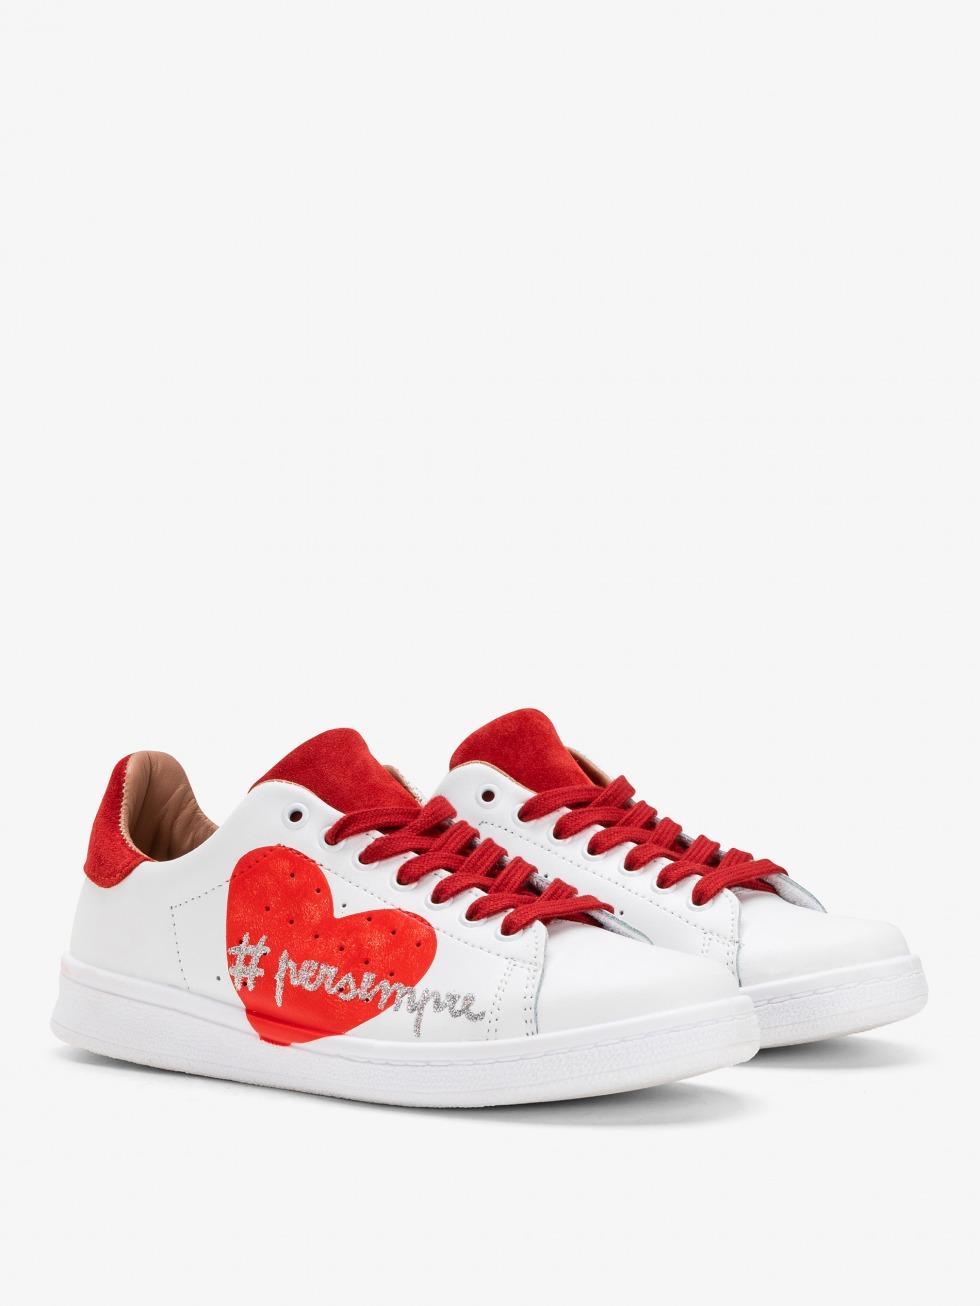 Daiquiri Sneakers - Heart Persempre